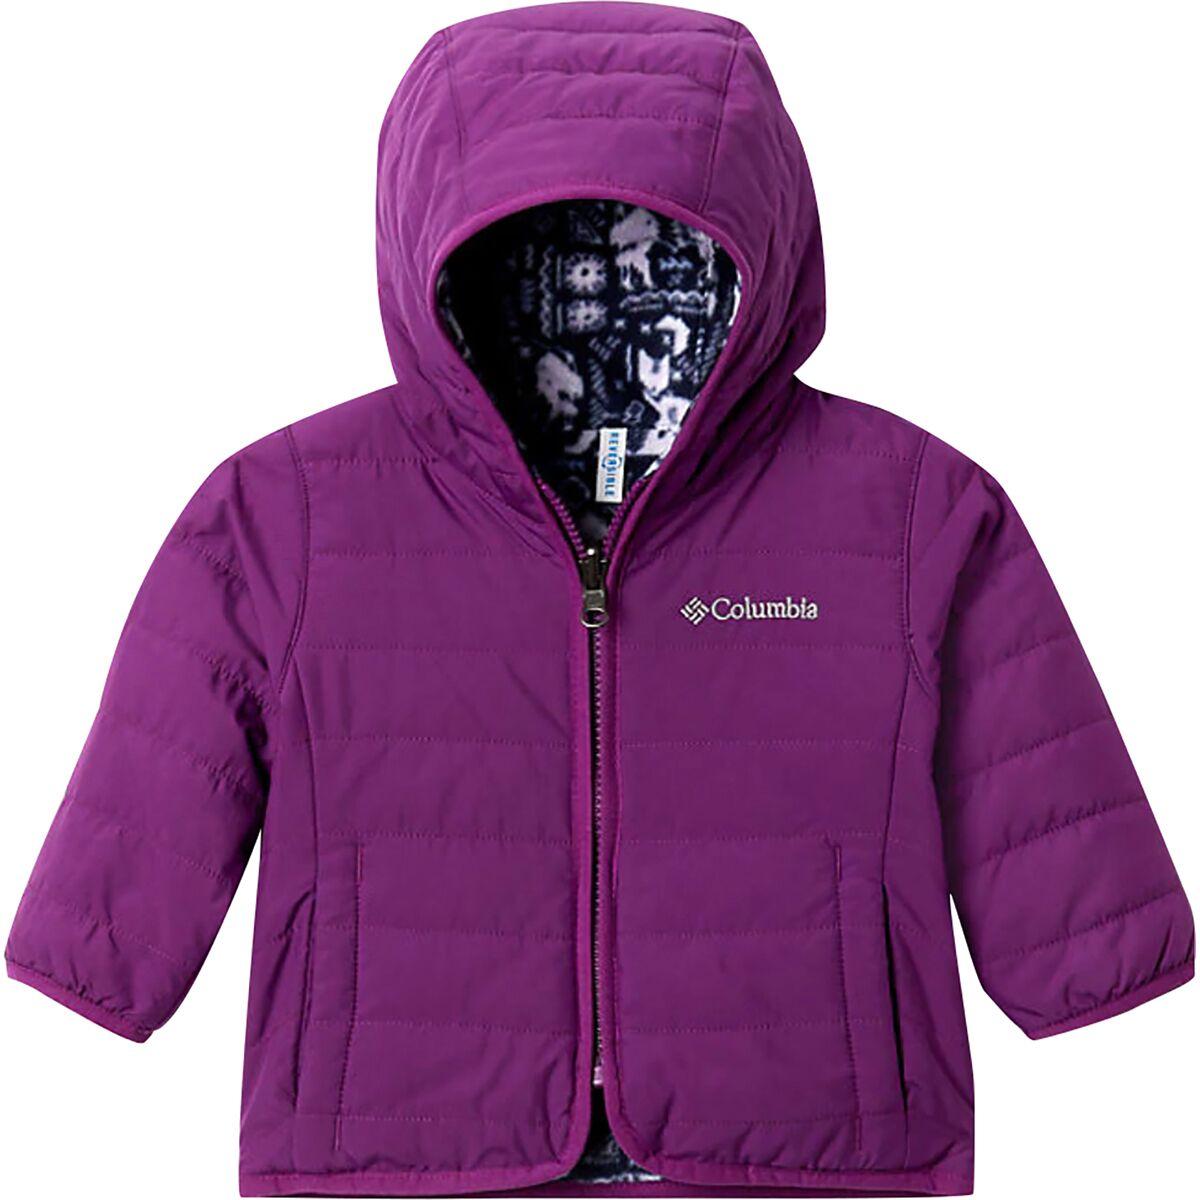 Columbia baby-girls Double Trouble Jacket